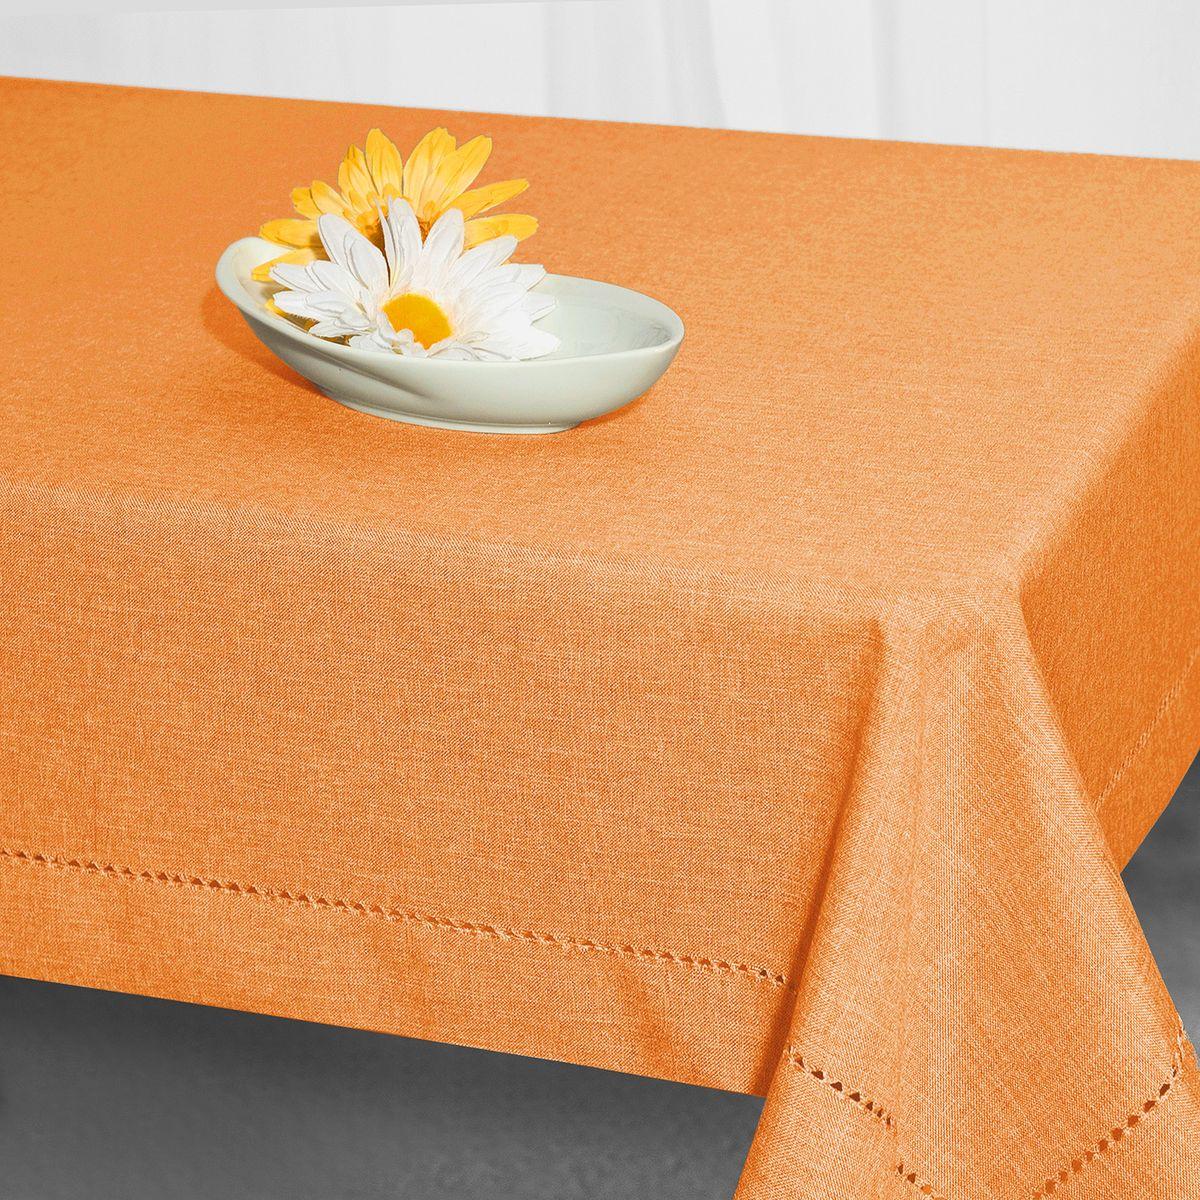 Скатерть Schaefer, прямоугольная, цвет: оранжевый, 130 x 170 см. 07599-42996515412Стильная скатерть Schaefer выполнена из полиэстера.Изделия из полиэстера легко стирать: они не мнутся, не садятся и быстро сохнут, они более долговечны, чем изделия из натуральных волокон.Немецкая компания Schaefer создана в 1921 году. На протяжении всего времени существования она создает уникальные коллекции домашнего текстиля для гостиных, спален, кухонь и ванных комнат. Дизайнерские идеи немецких художников компании Schaefer воплощаются в текстильных изделиях, которые сделают ваш дом красивее и уютнее и не останутся незамеченными вашими гостями. Дарите себе и близким красоту каждый день!